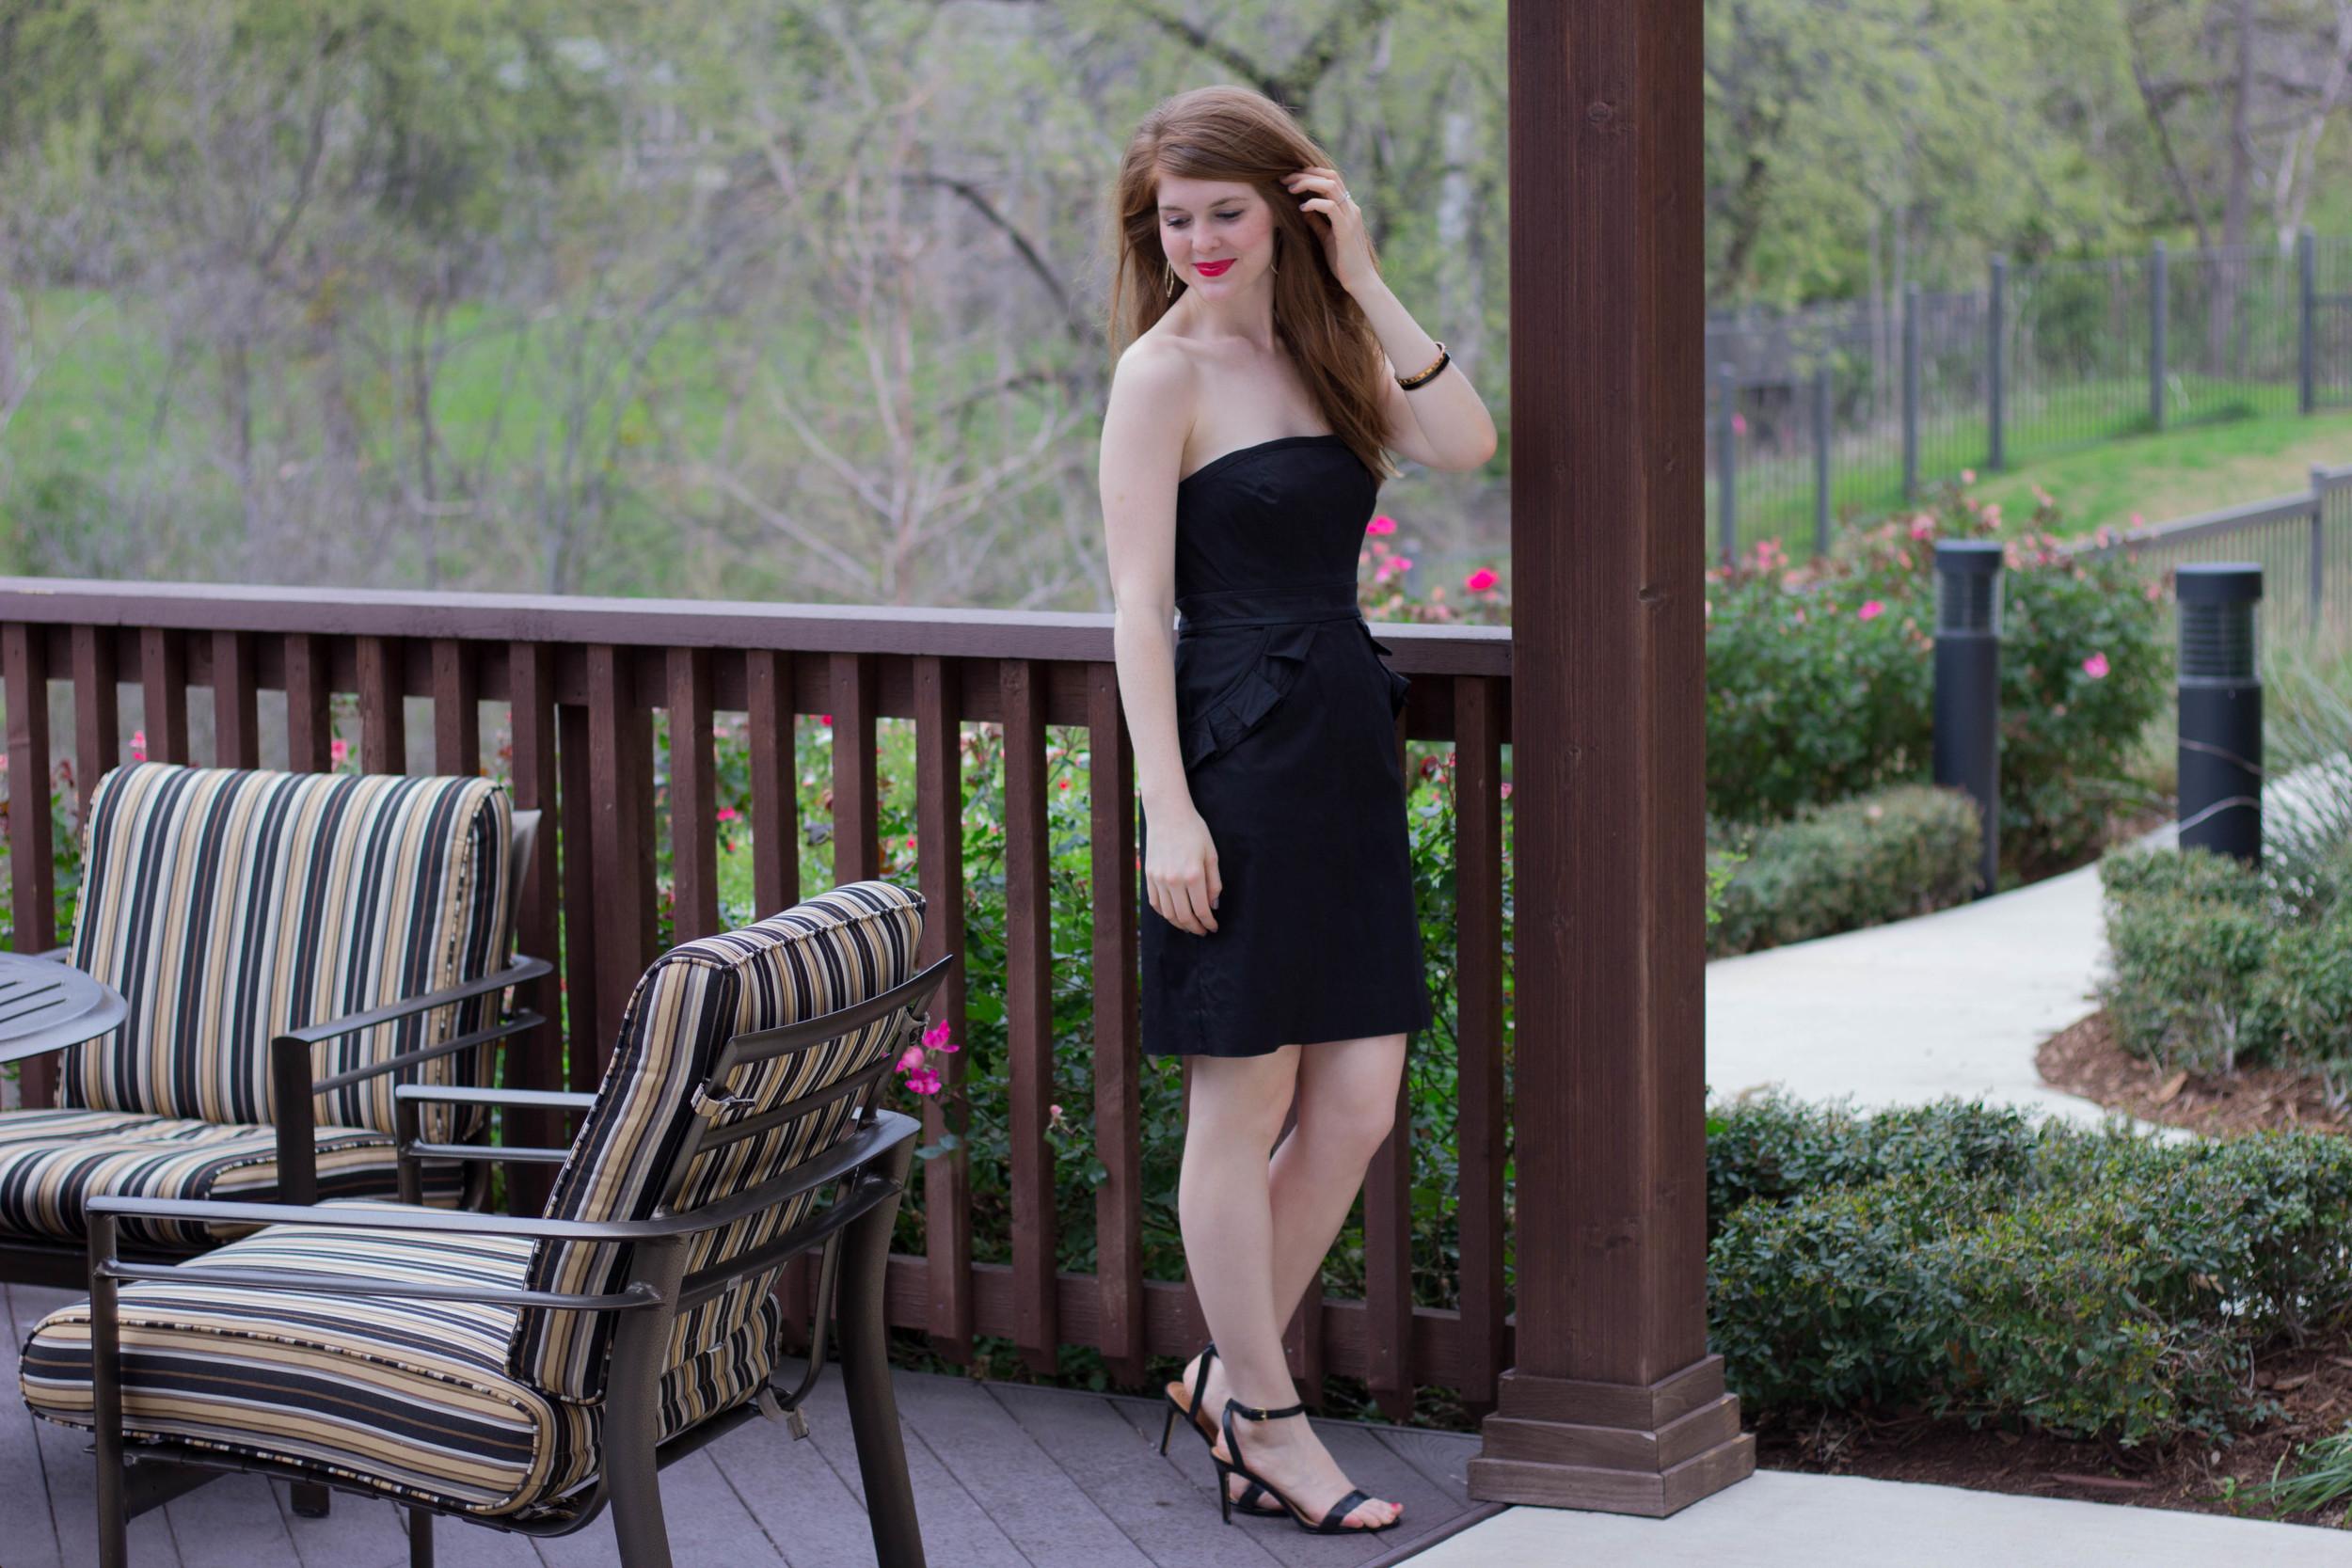 j crew black strapless dress, tory burch ankle strap sandal, cruella lipstick, kendra scott sophee earrings